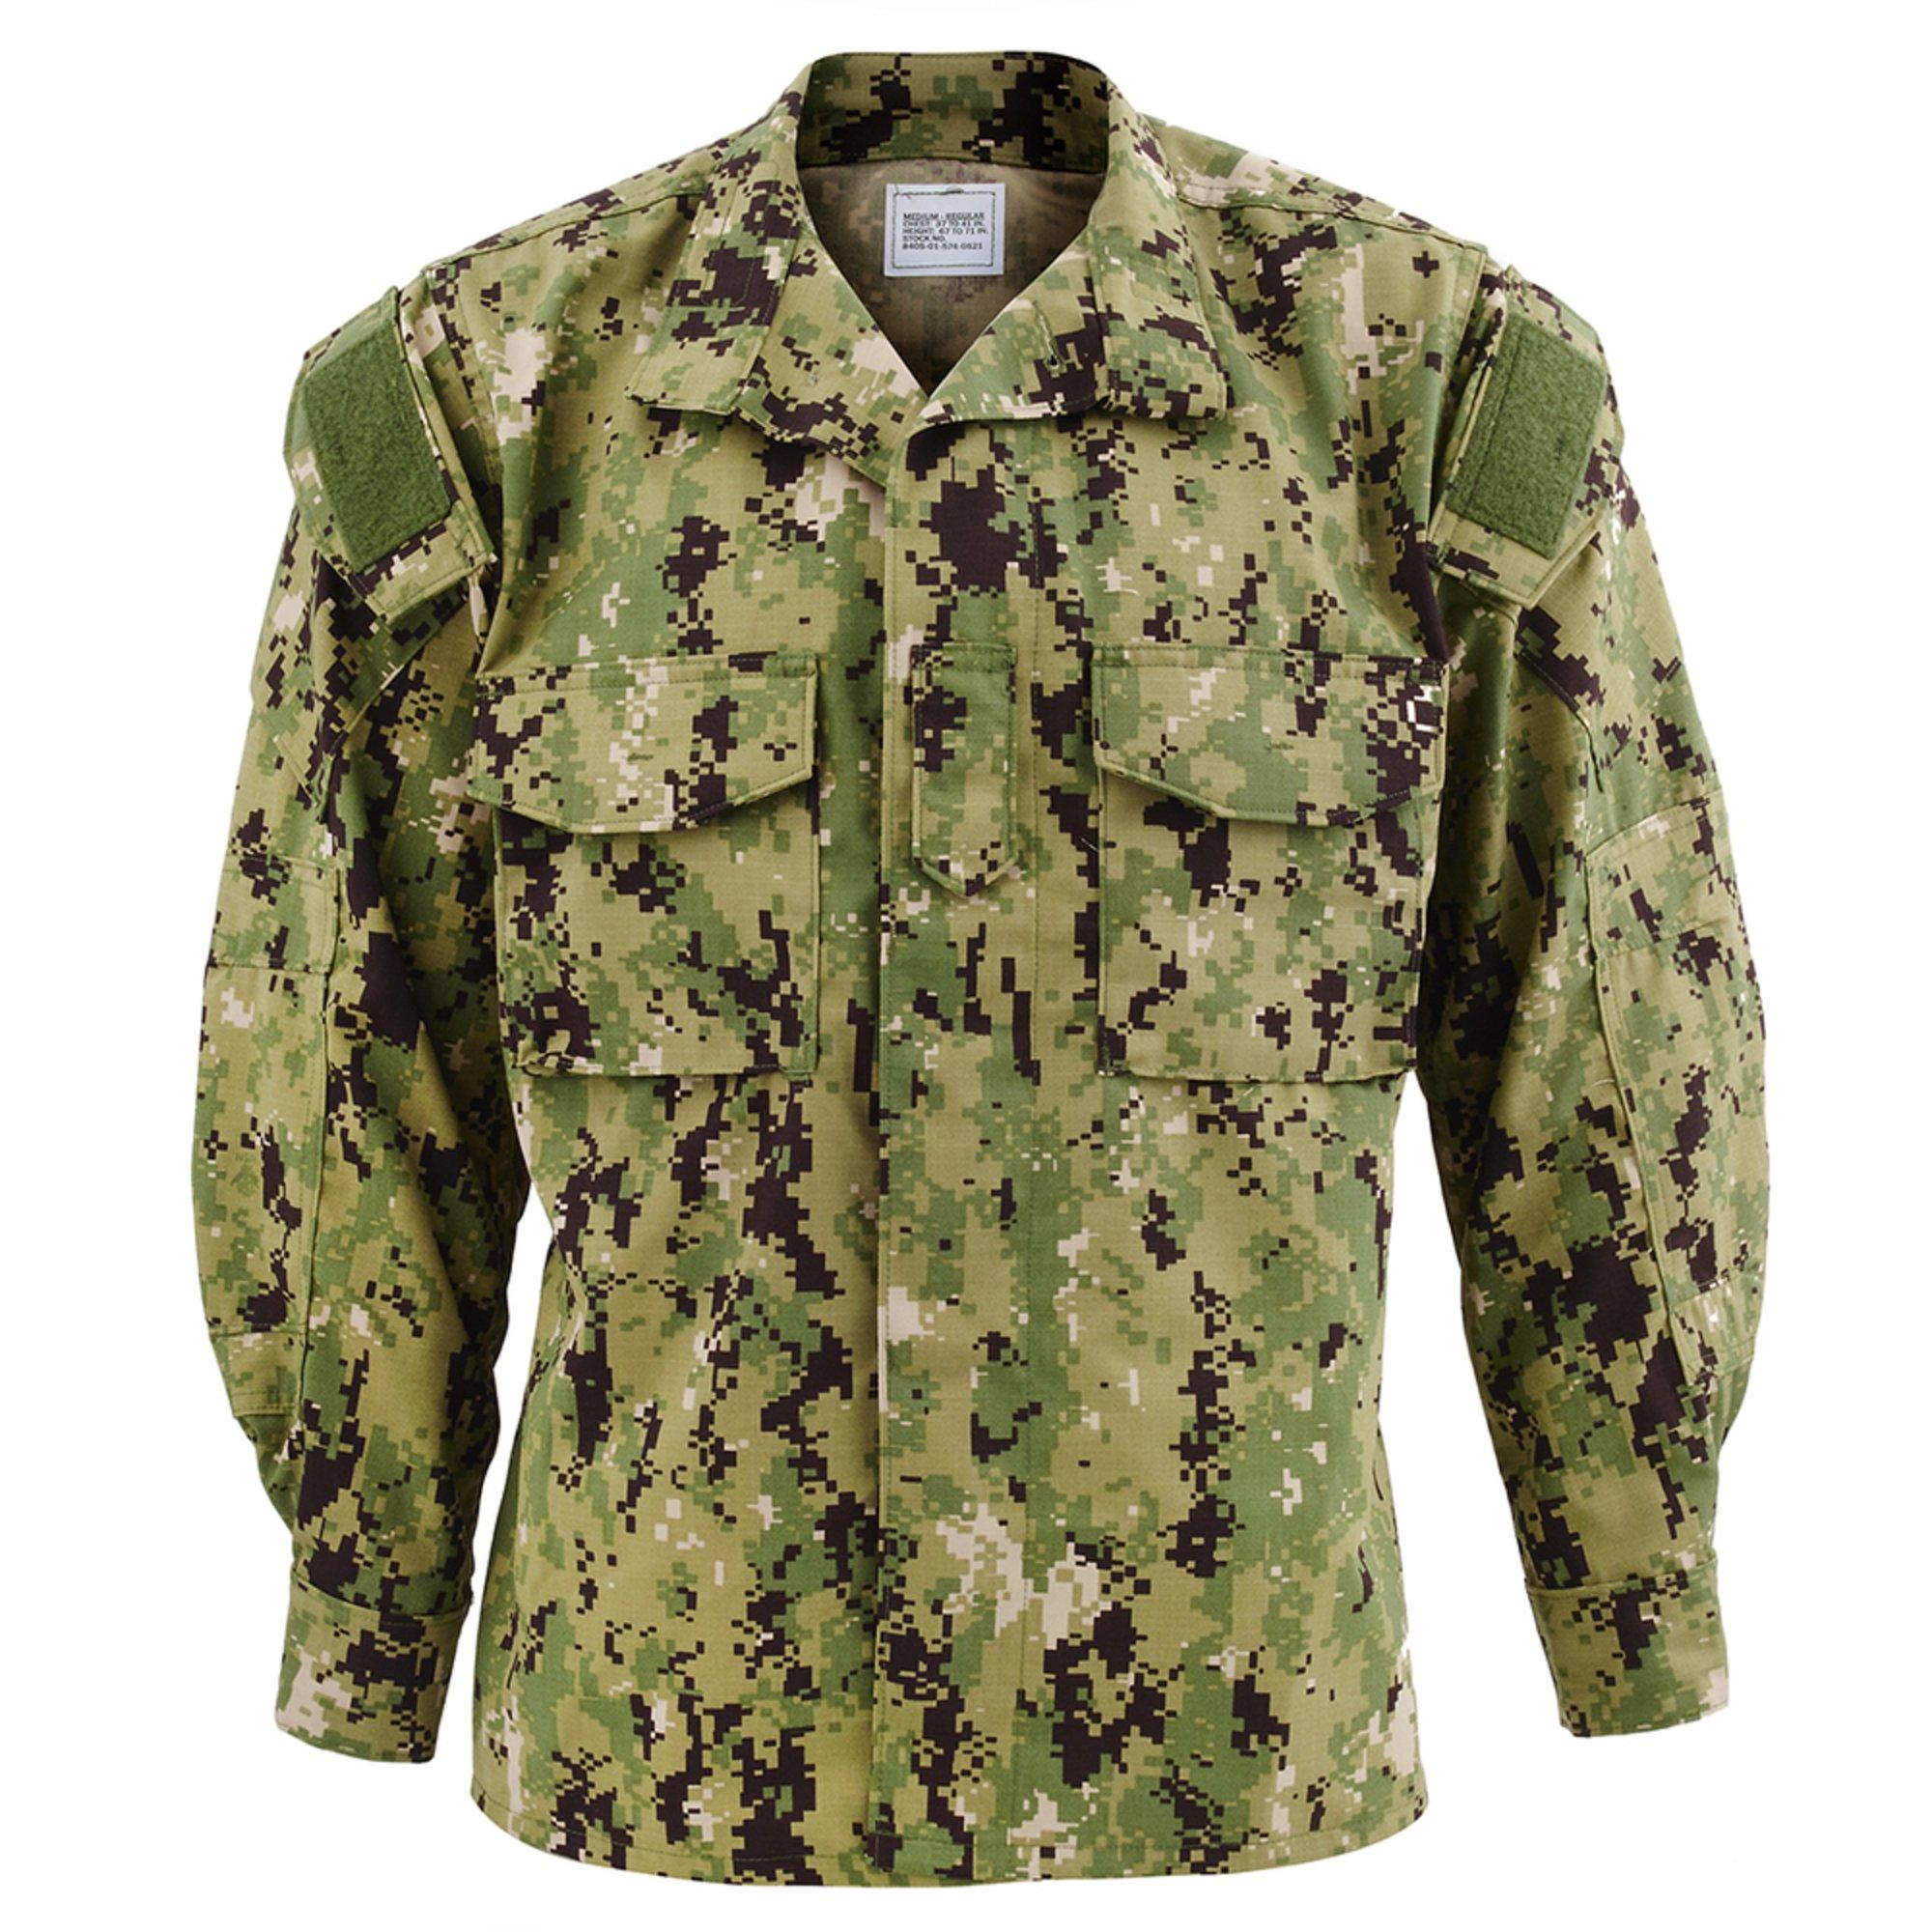 Nwu Type Iii Woodland Blouse | Navy Working Uniform (nwu Iii